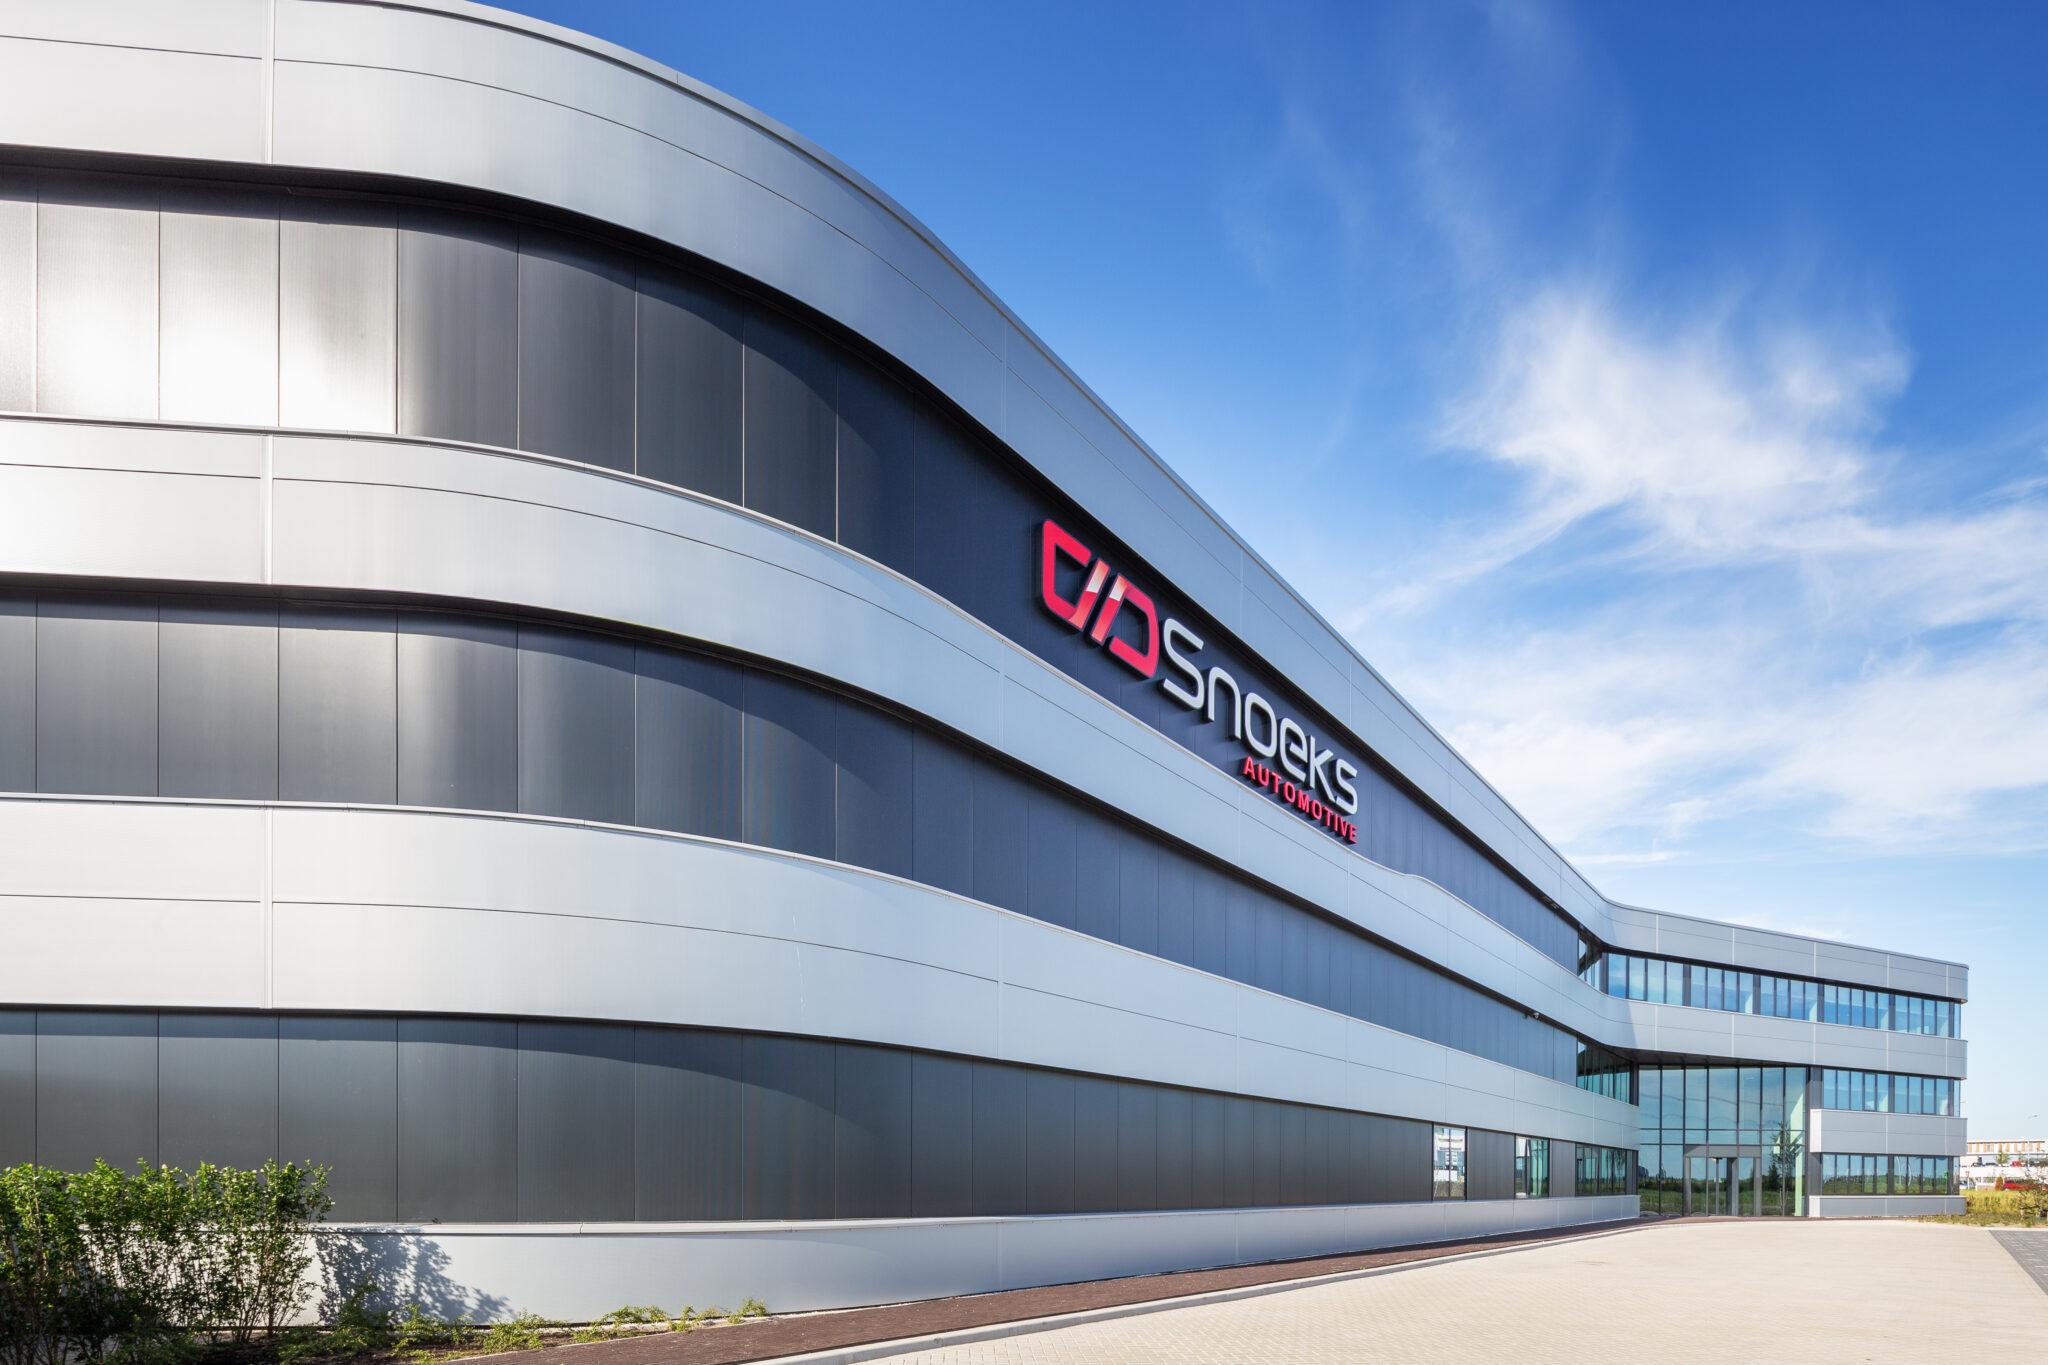 Snoeks verhuist naar nieuw innovatiecentrum en hoofdkantoor